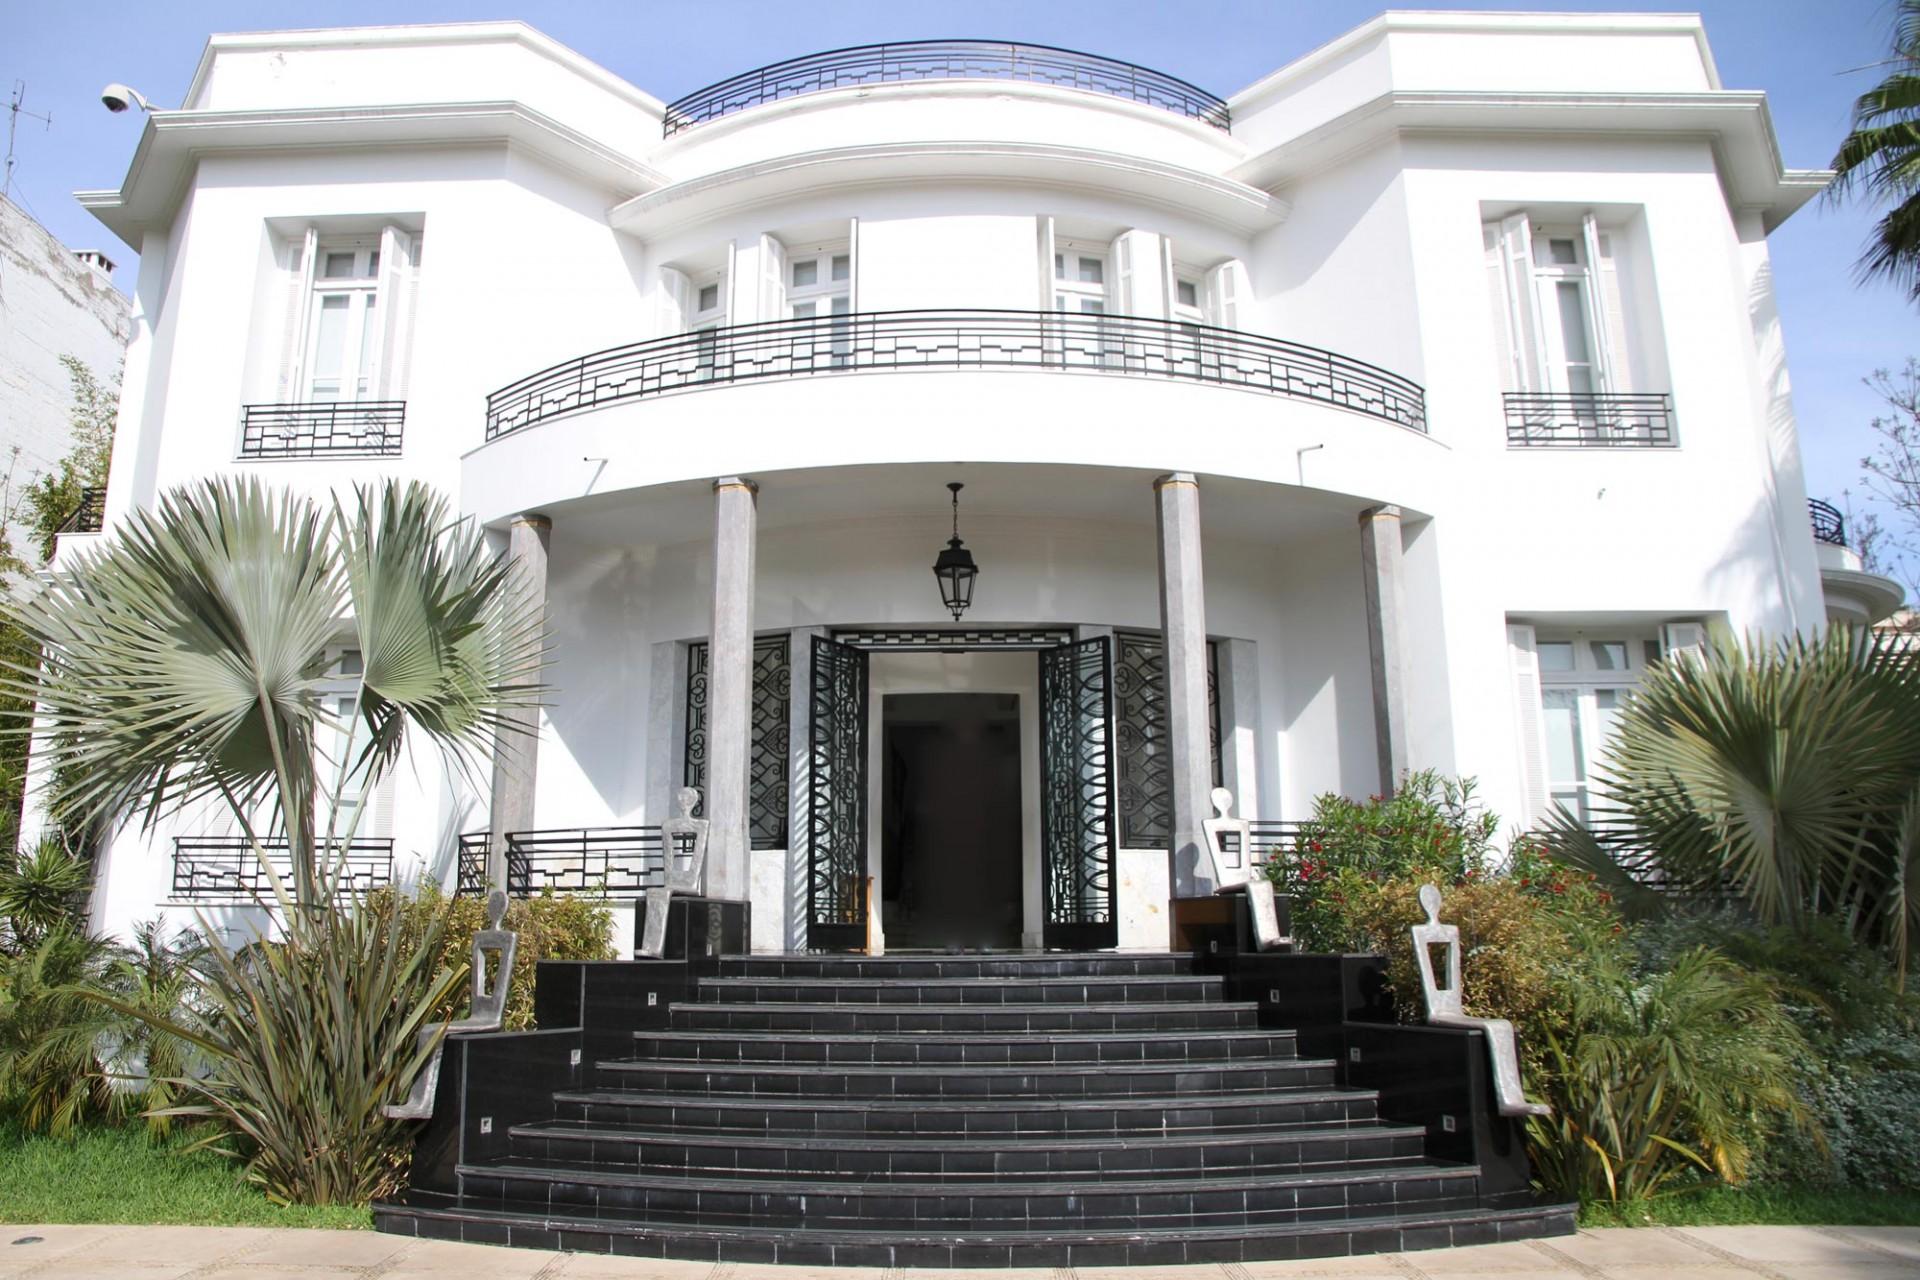 Villa Des Arts Casablanca Villa Des Arts Casablanca